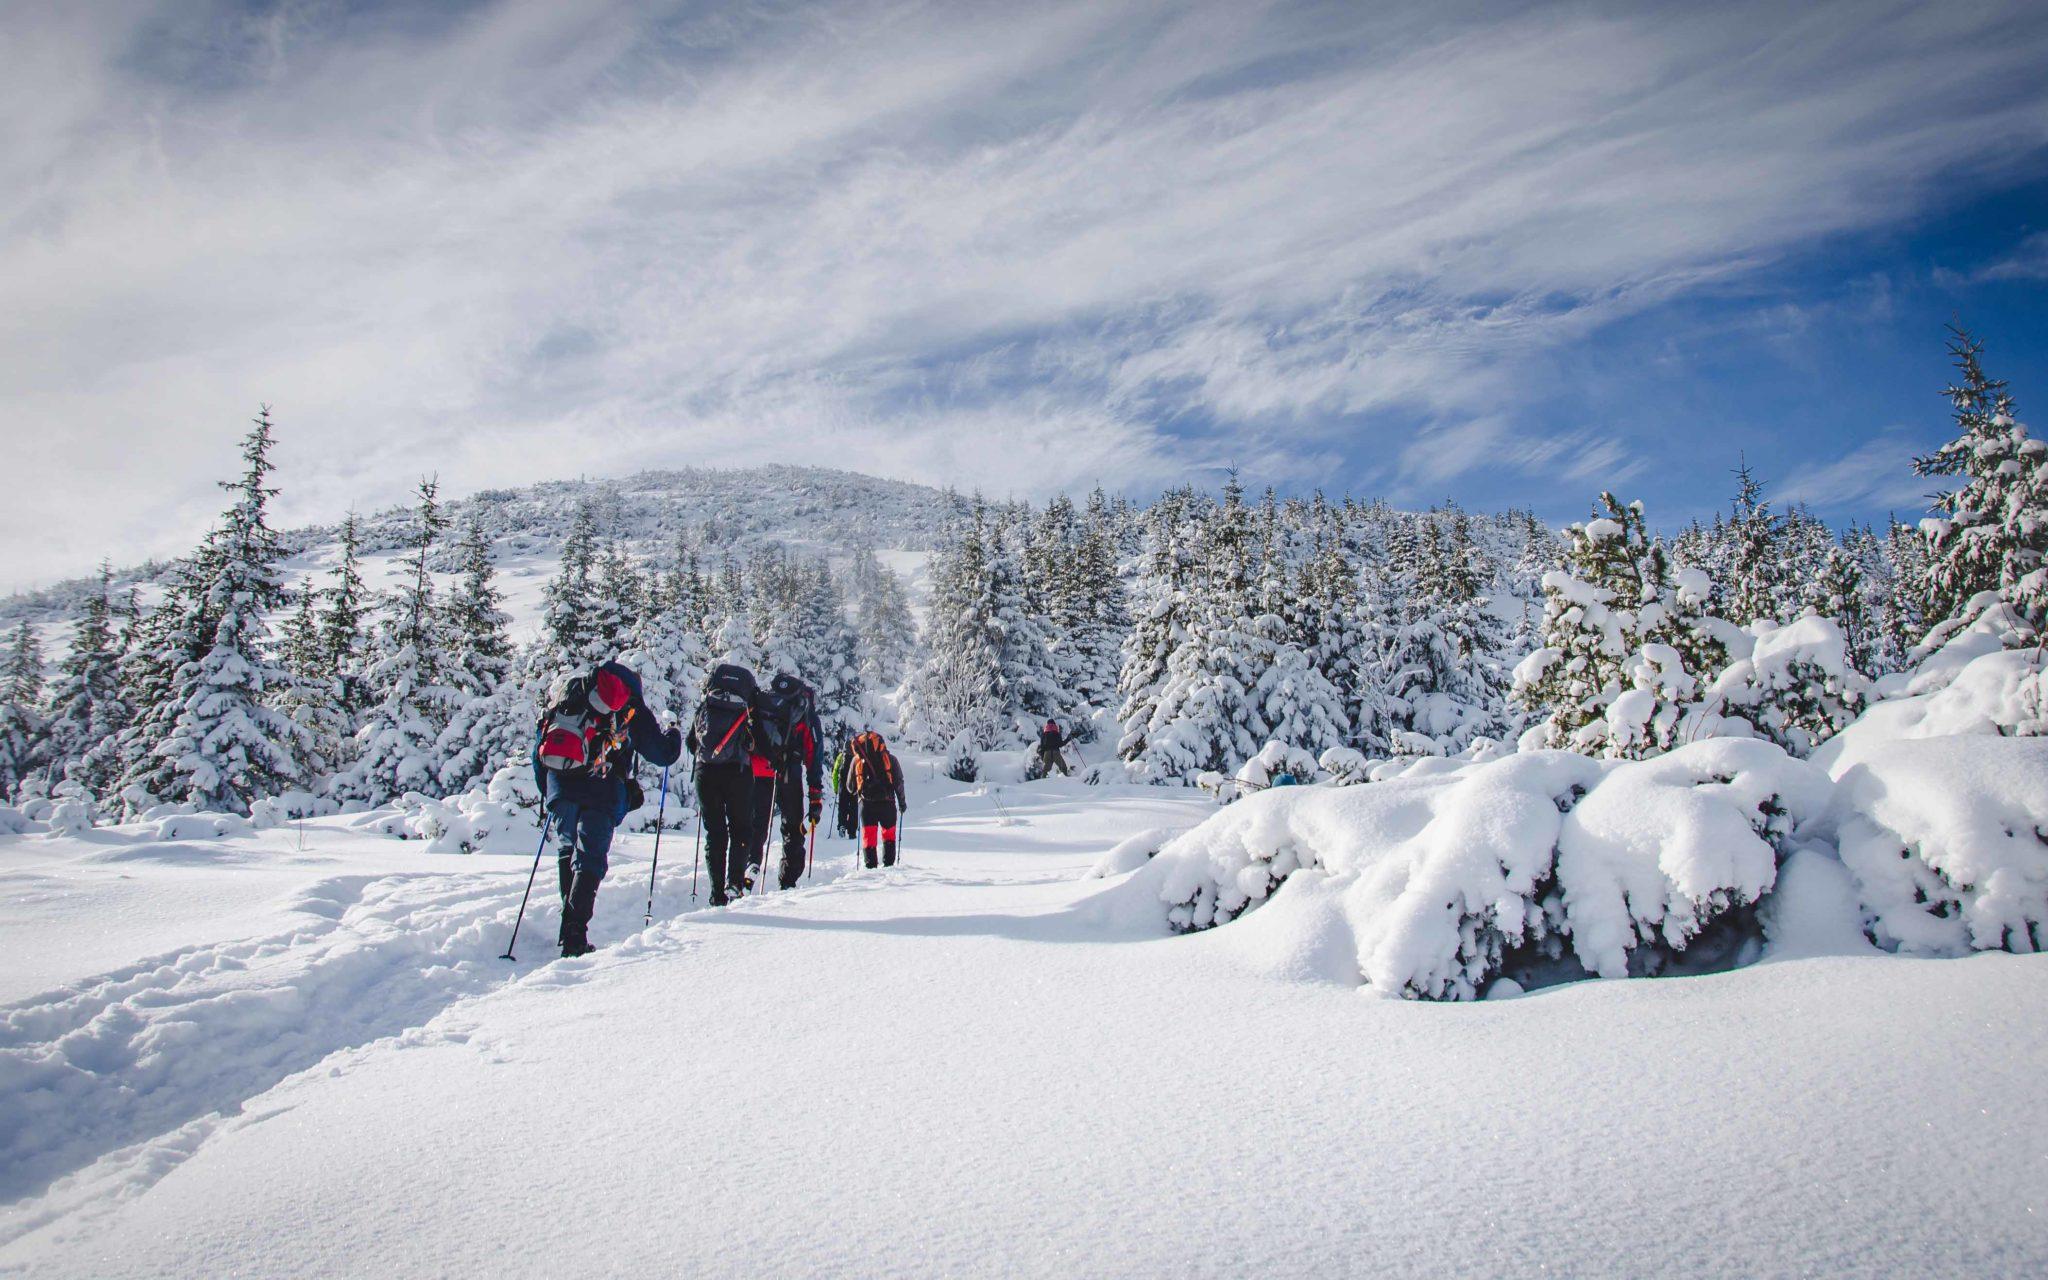 Osoby idące po śniegu do góry